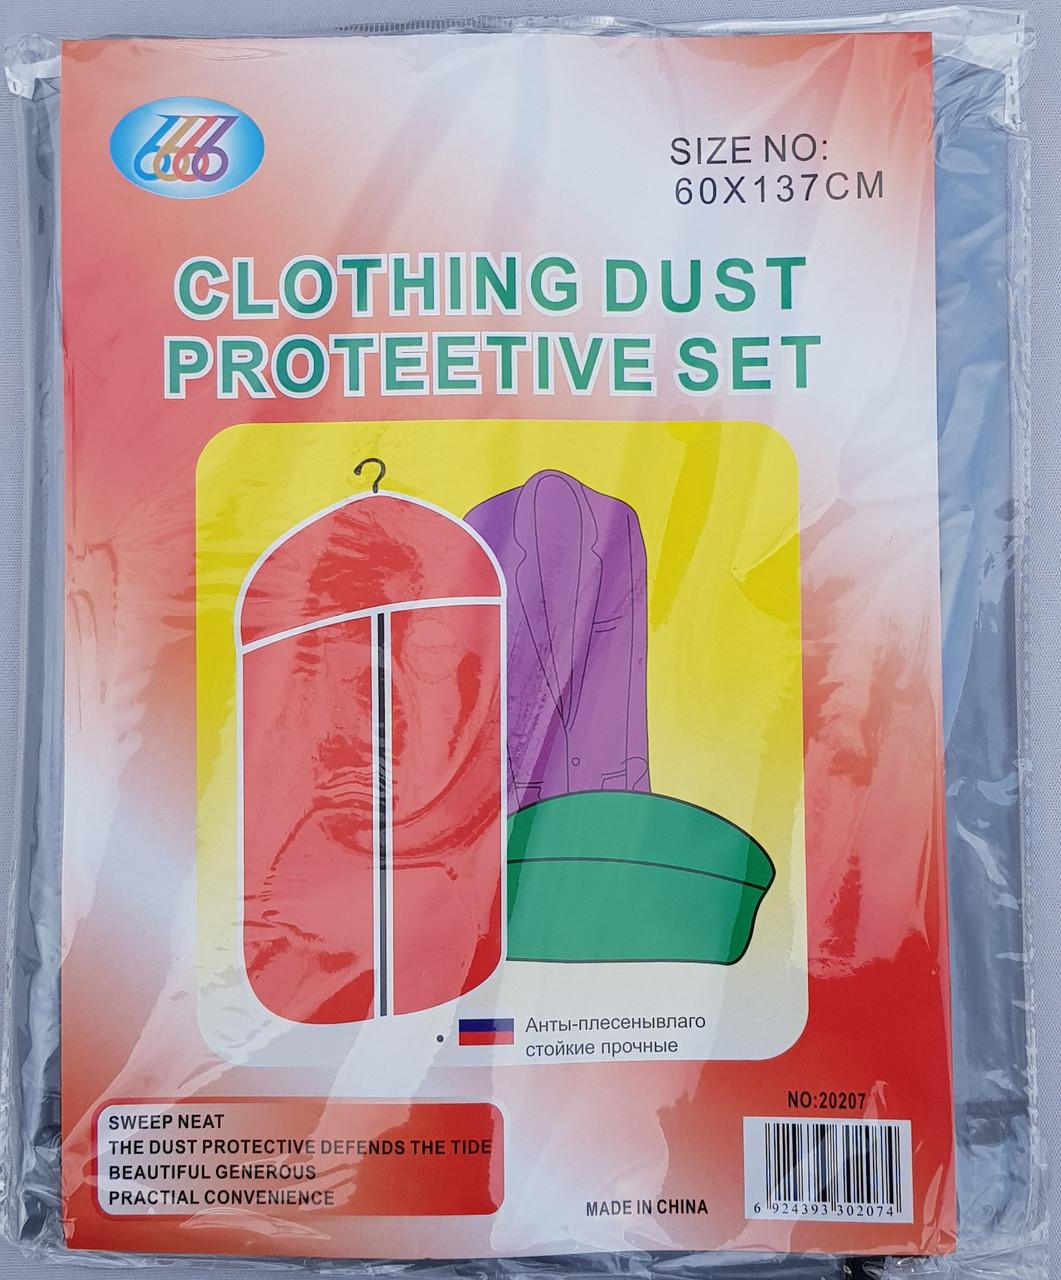 Чехол для хранения одежды полиэтиленовый серо-прозрачного цвета. Размер 60х137 cм